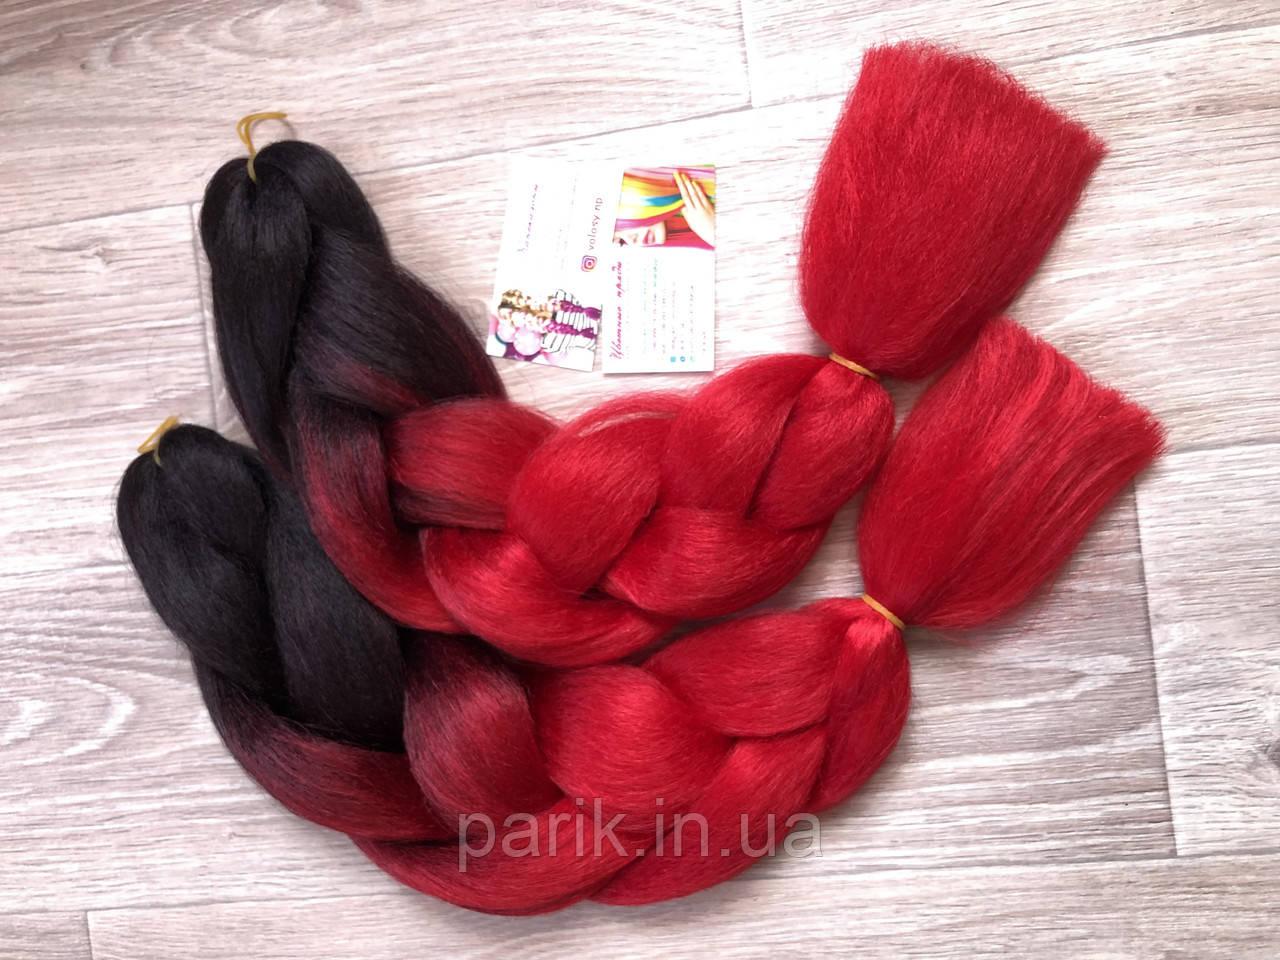 🖤 Канекалон чёрный-красный, косы для впелетения в волосы, разнообразные причёски 🖤